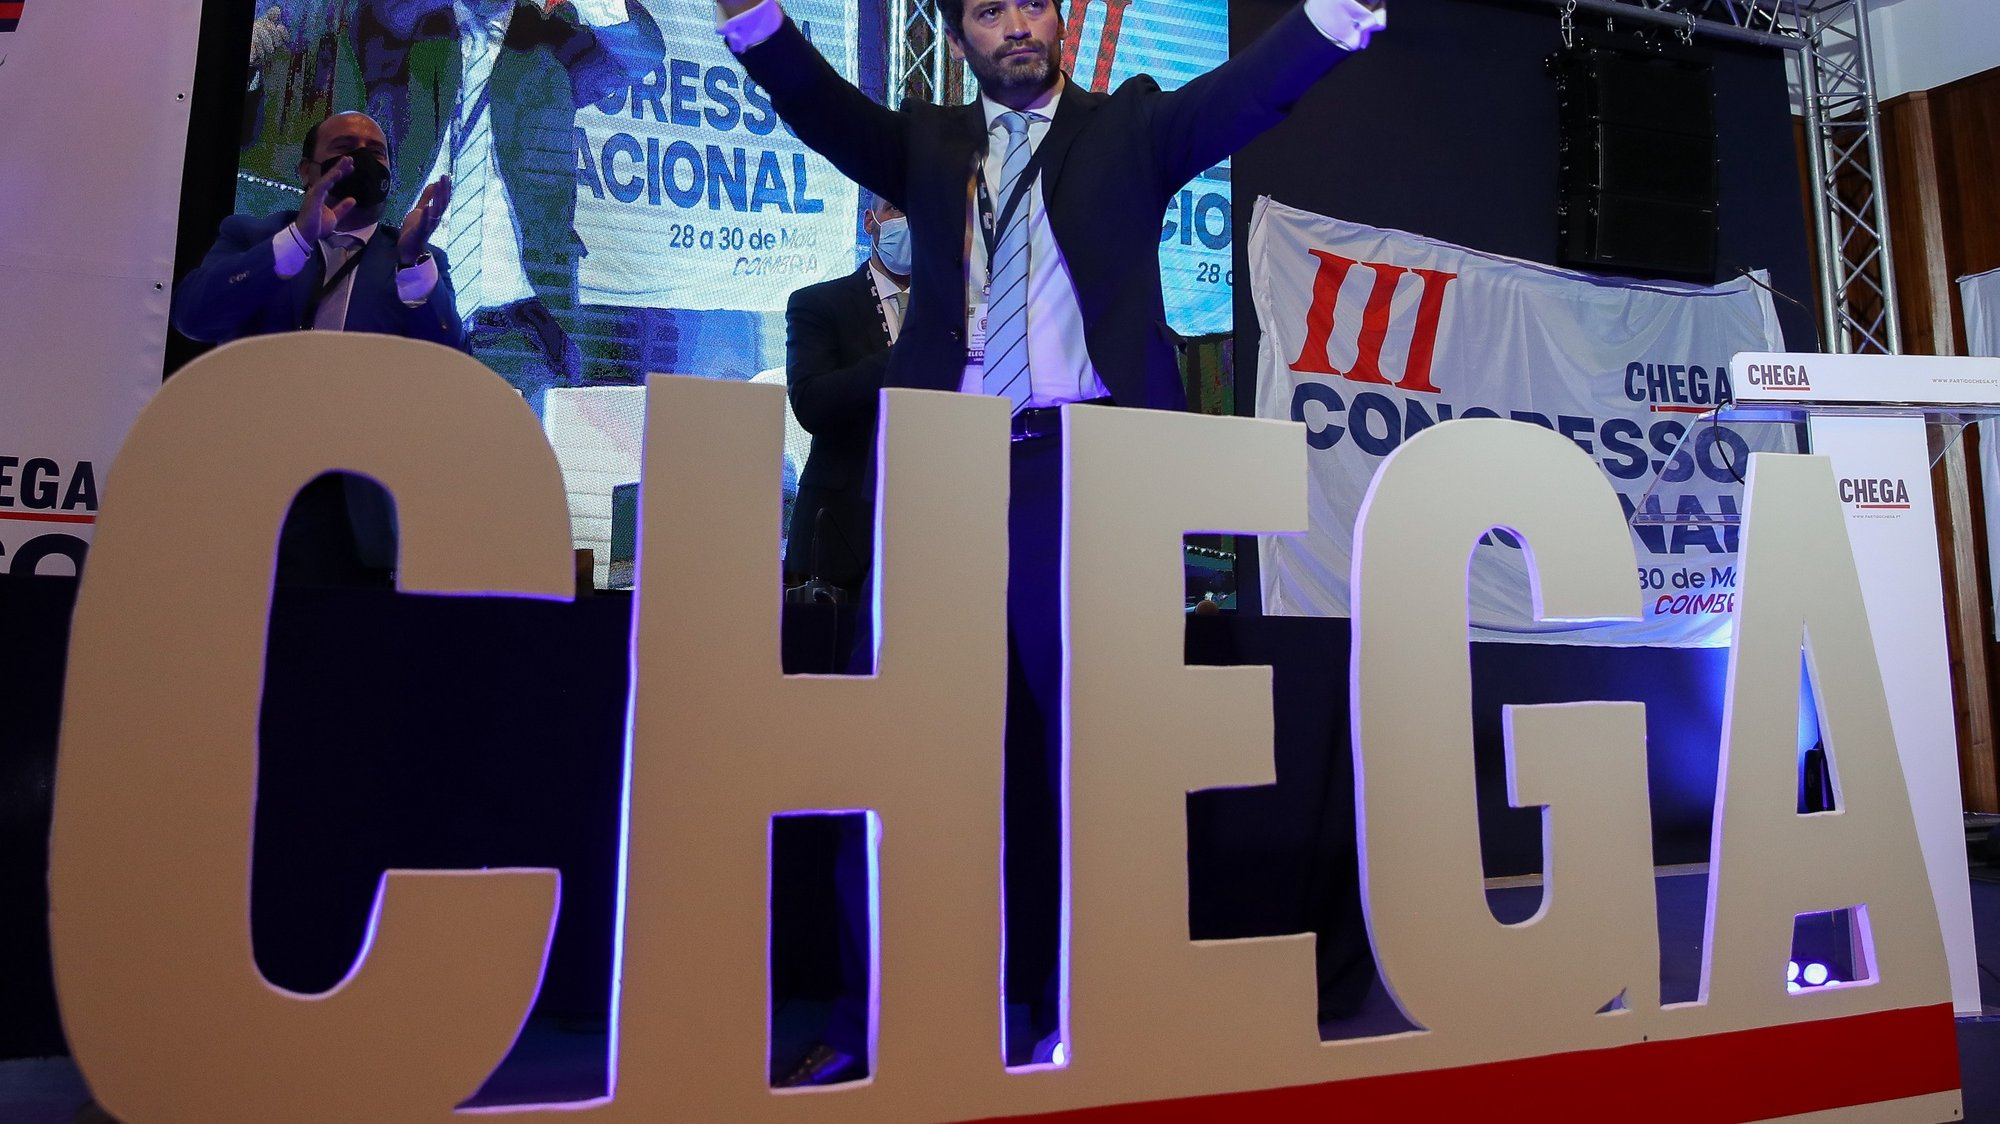 O presidente do Chega, André Ventura, celebra no final da sessão de encerramento do 3.º dia do III Congresso Nacional do Chega, que entretanto foi interrompida para repetição da eleição dos membros da mesa do congresso, em Coimbra, 30 de maio de 2021. PAULO NOVAIS/LUSA